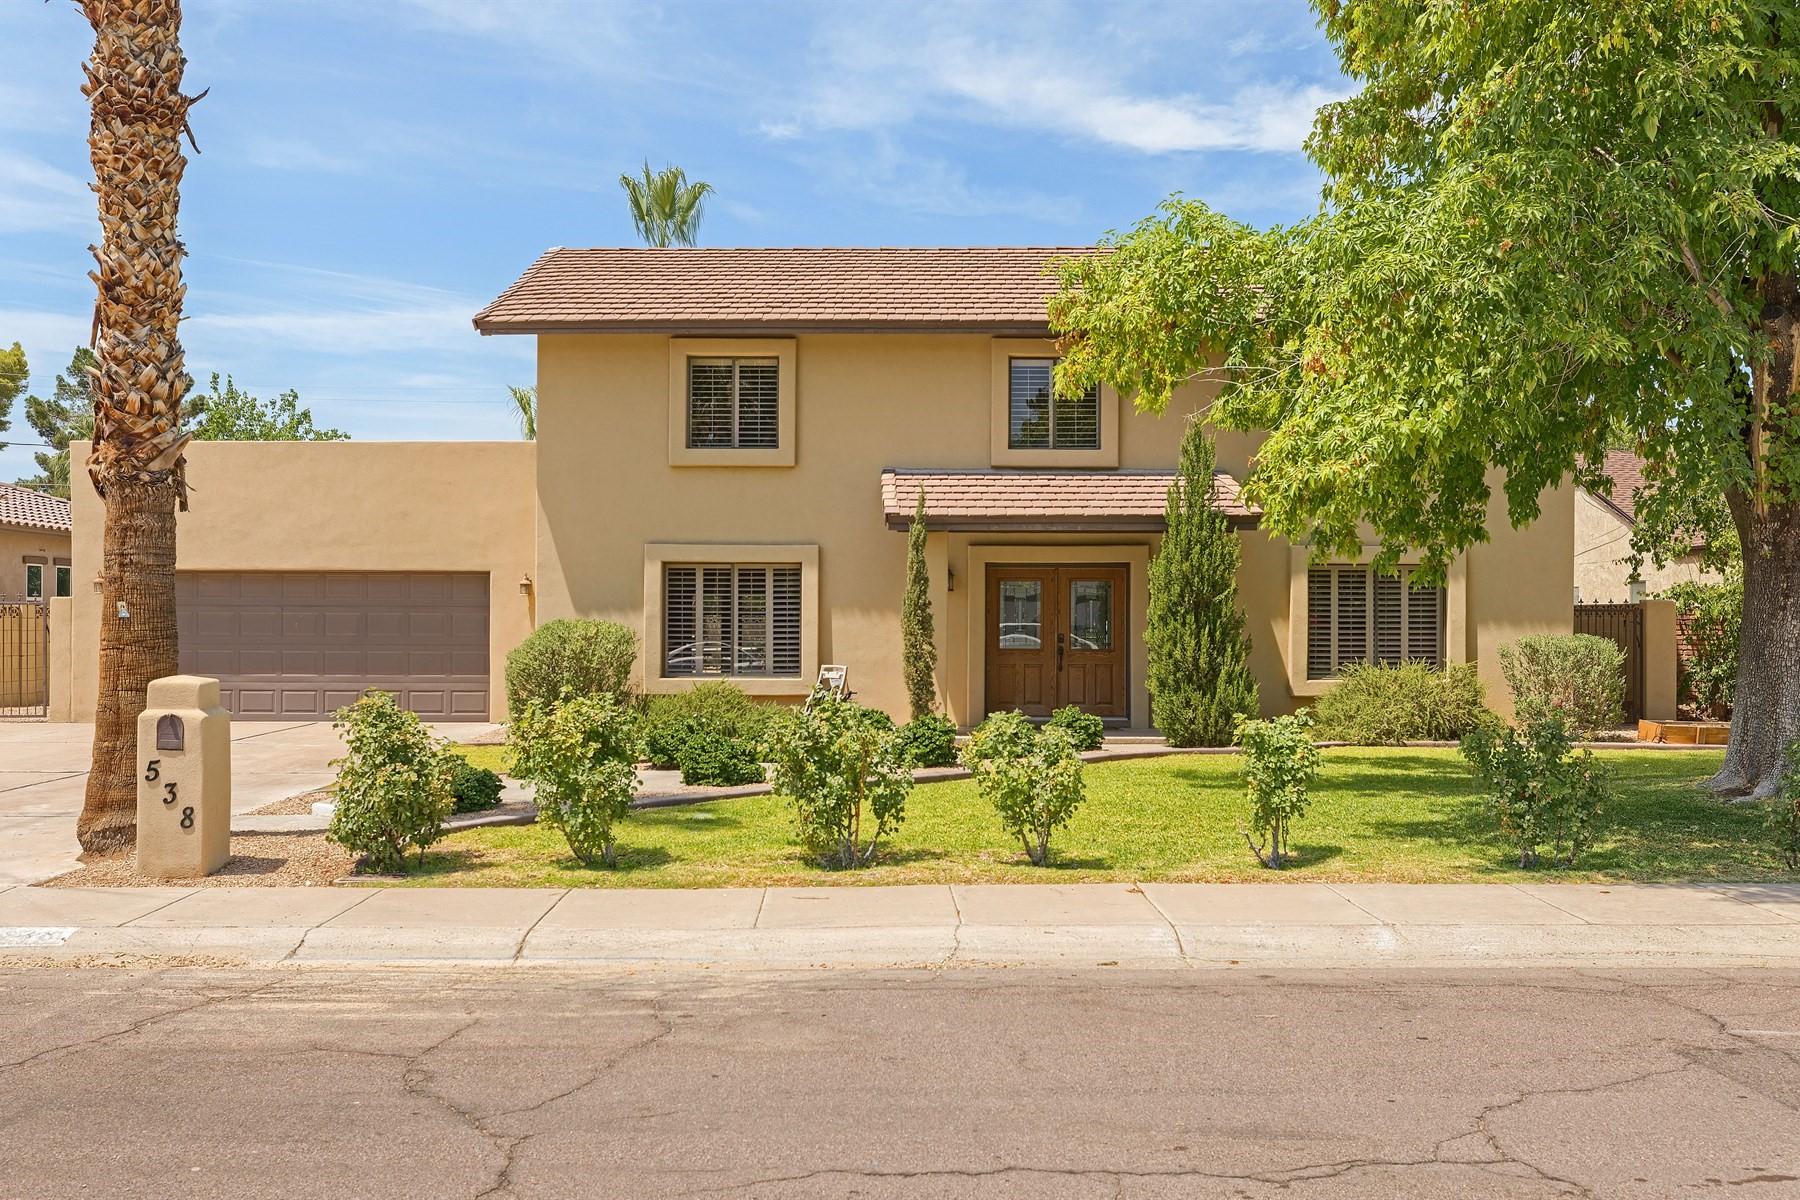 Maison unifamiliale pour l Vente à Charming home in highly desired North Central Phoenix location 538 W Las Palmaritas Dr Phoenix, Arizona, 85021 États-Unis